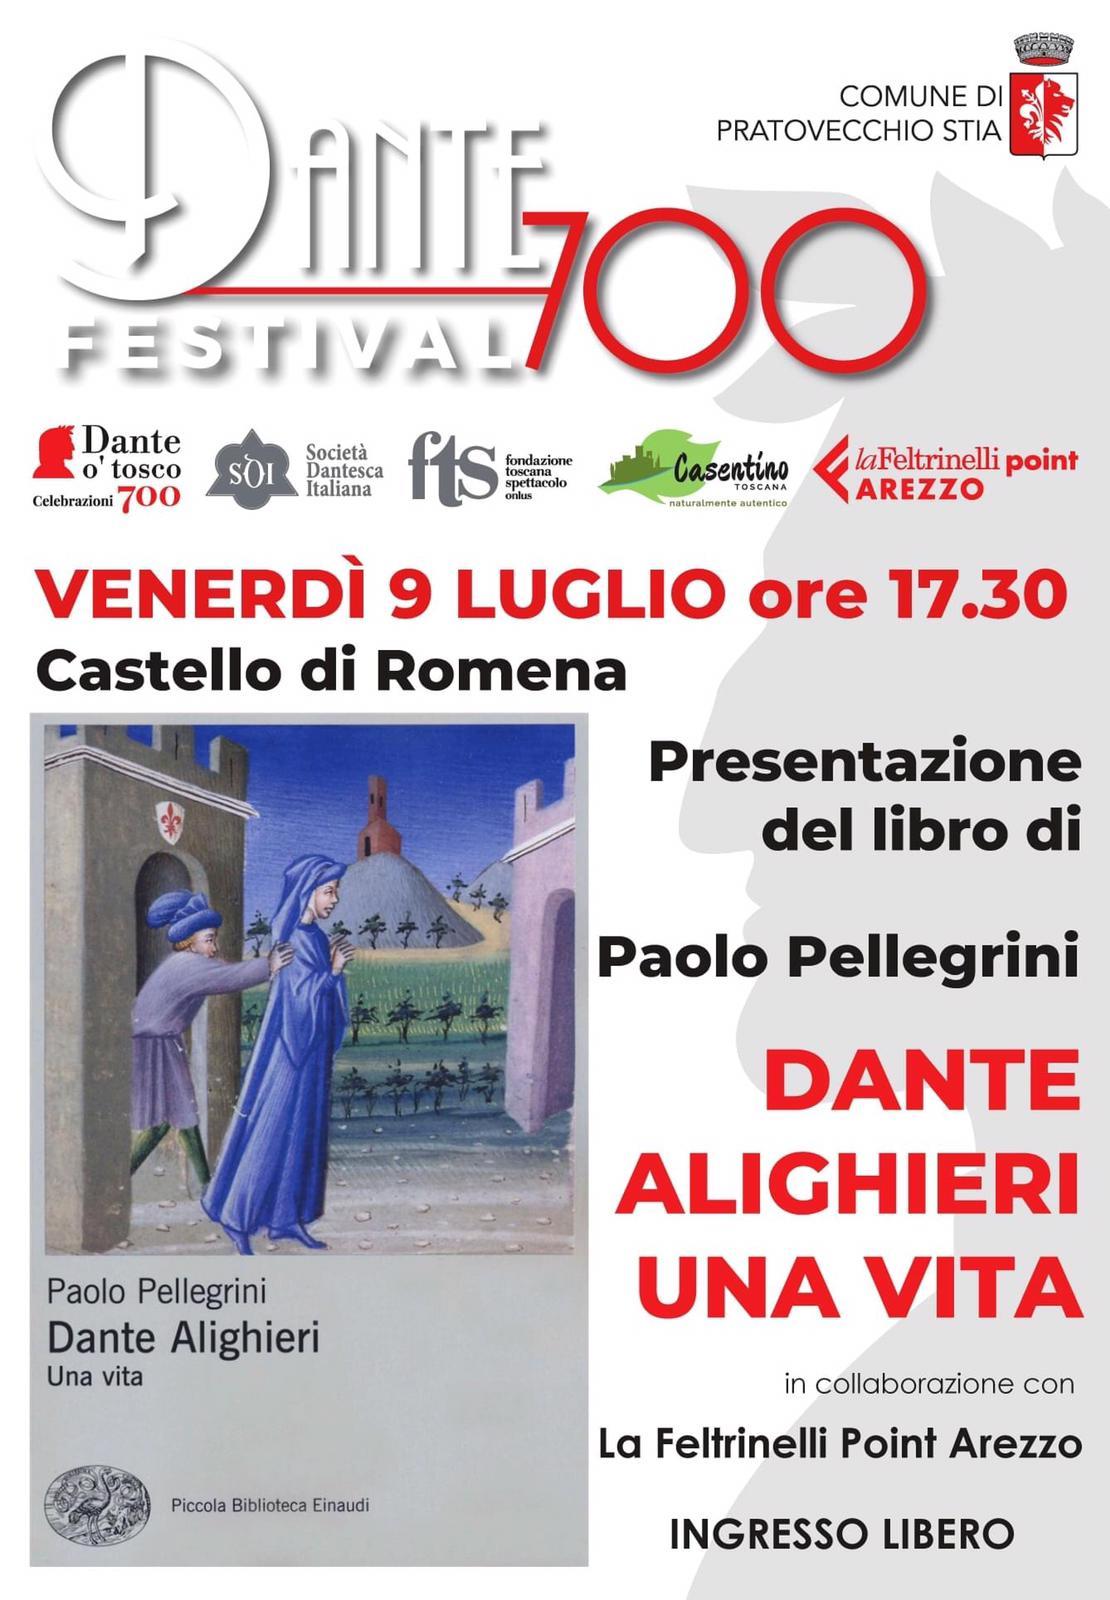 Presentazione del libro di Paolo Pellegrini